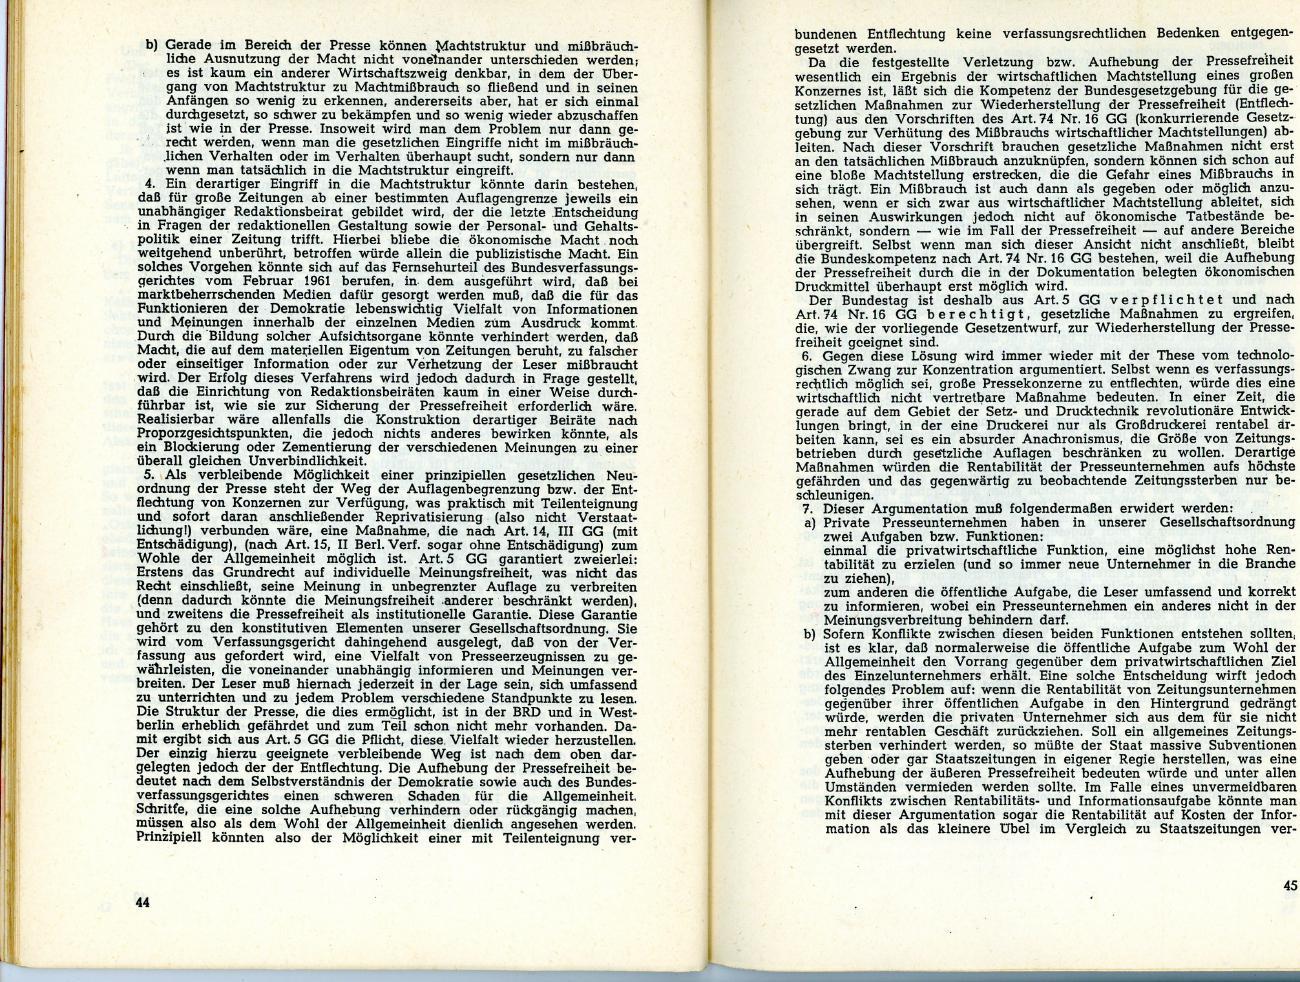 Berlin_RC_1967_Springer_enteignen_25